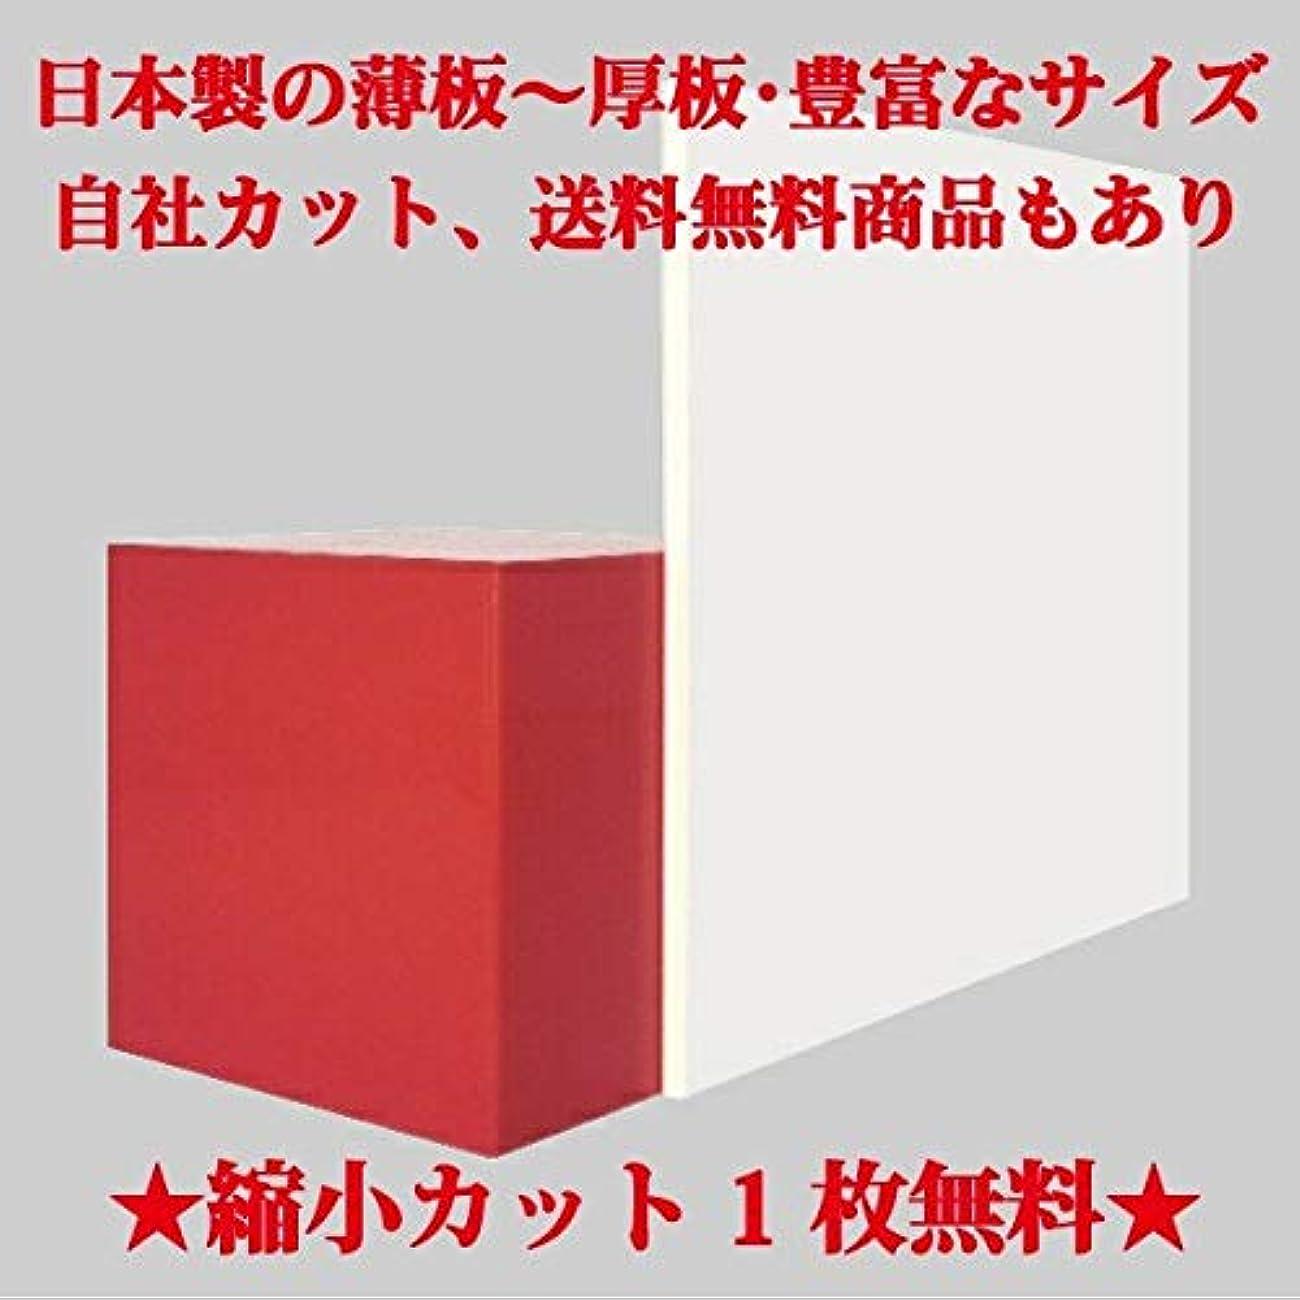 地図ただやる巨大日本製 アクリル板 白両面マット 艶けし(押出板) 厚み5mm 450X700mm 縮小カット1枚無料 カンナ?糸面取り仕上(エッジで手を切る事はありません)(業務用?キャンセル返品不可)